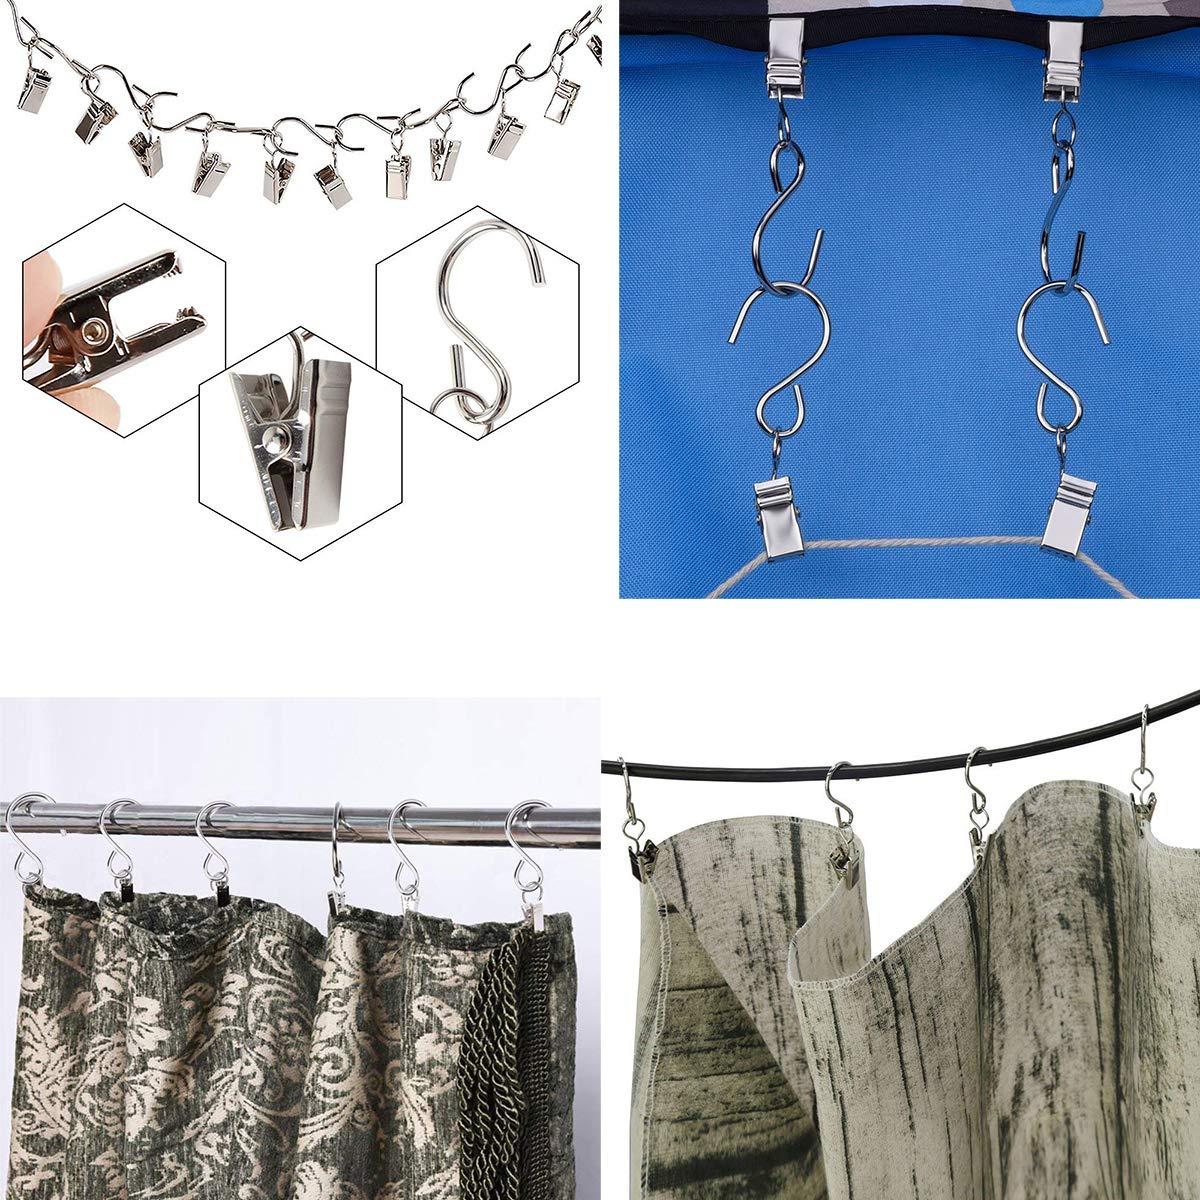 Amazon.com: Oubest - Ganchos colgantes de metal niquelado en ...